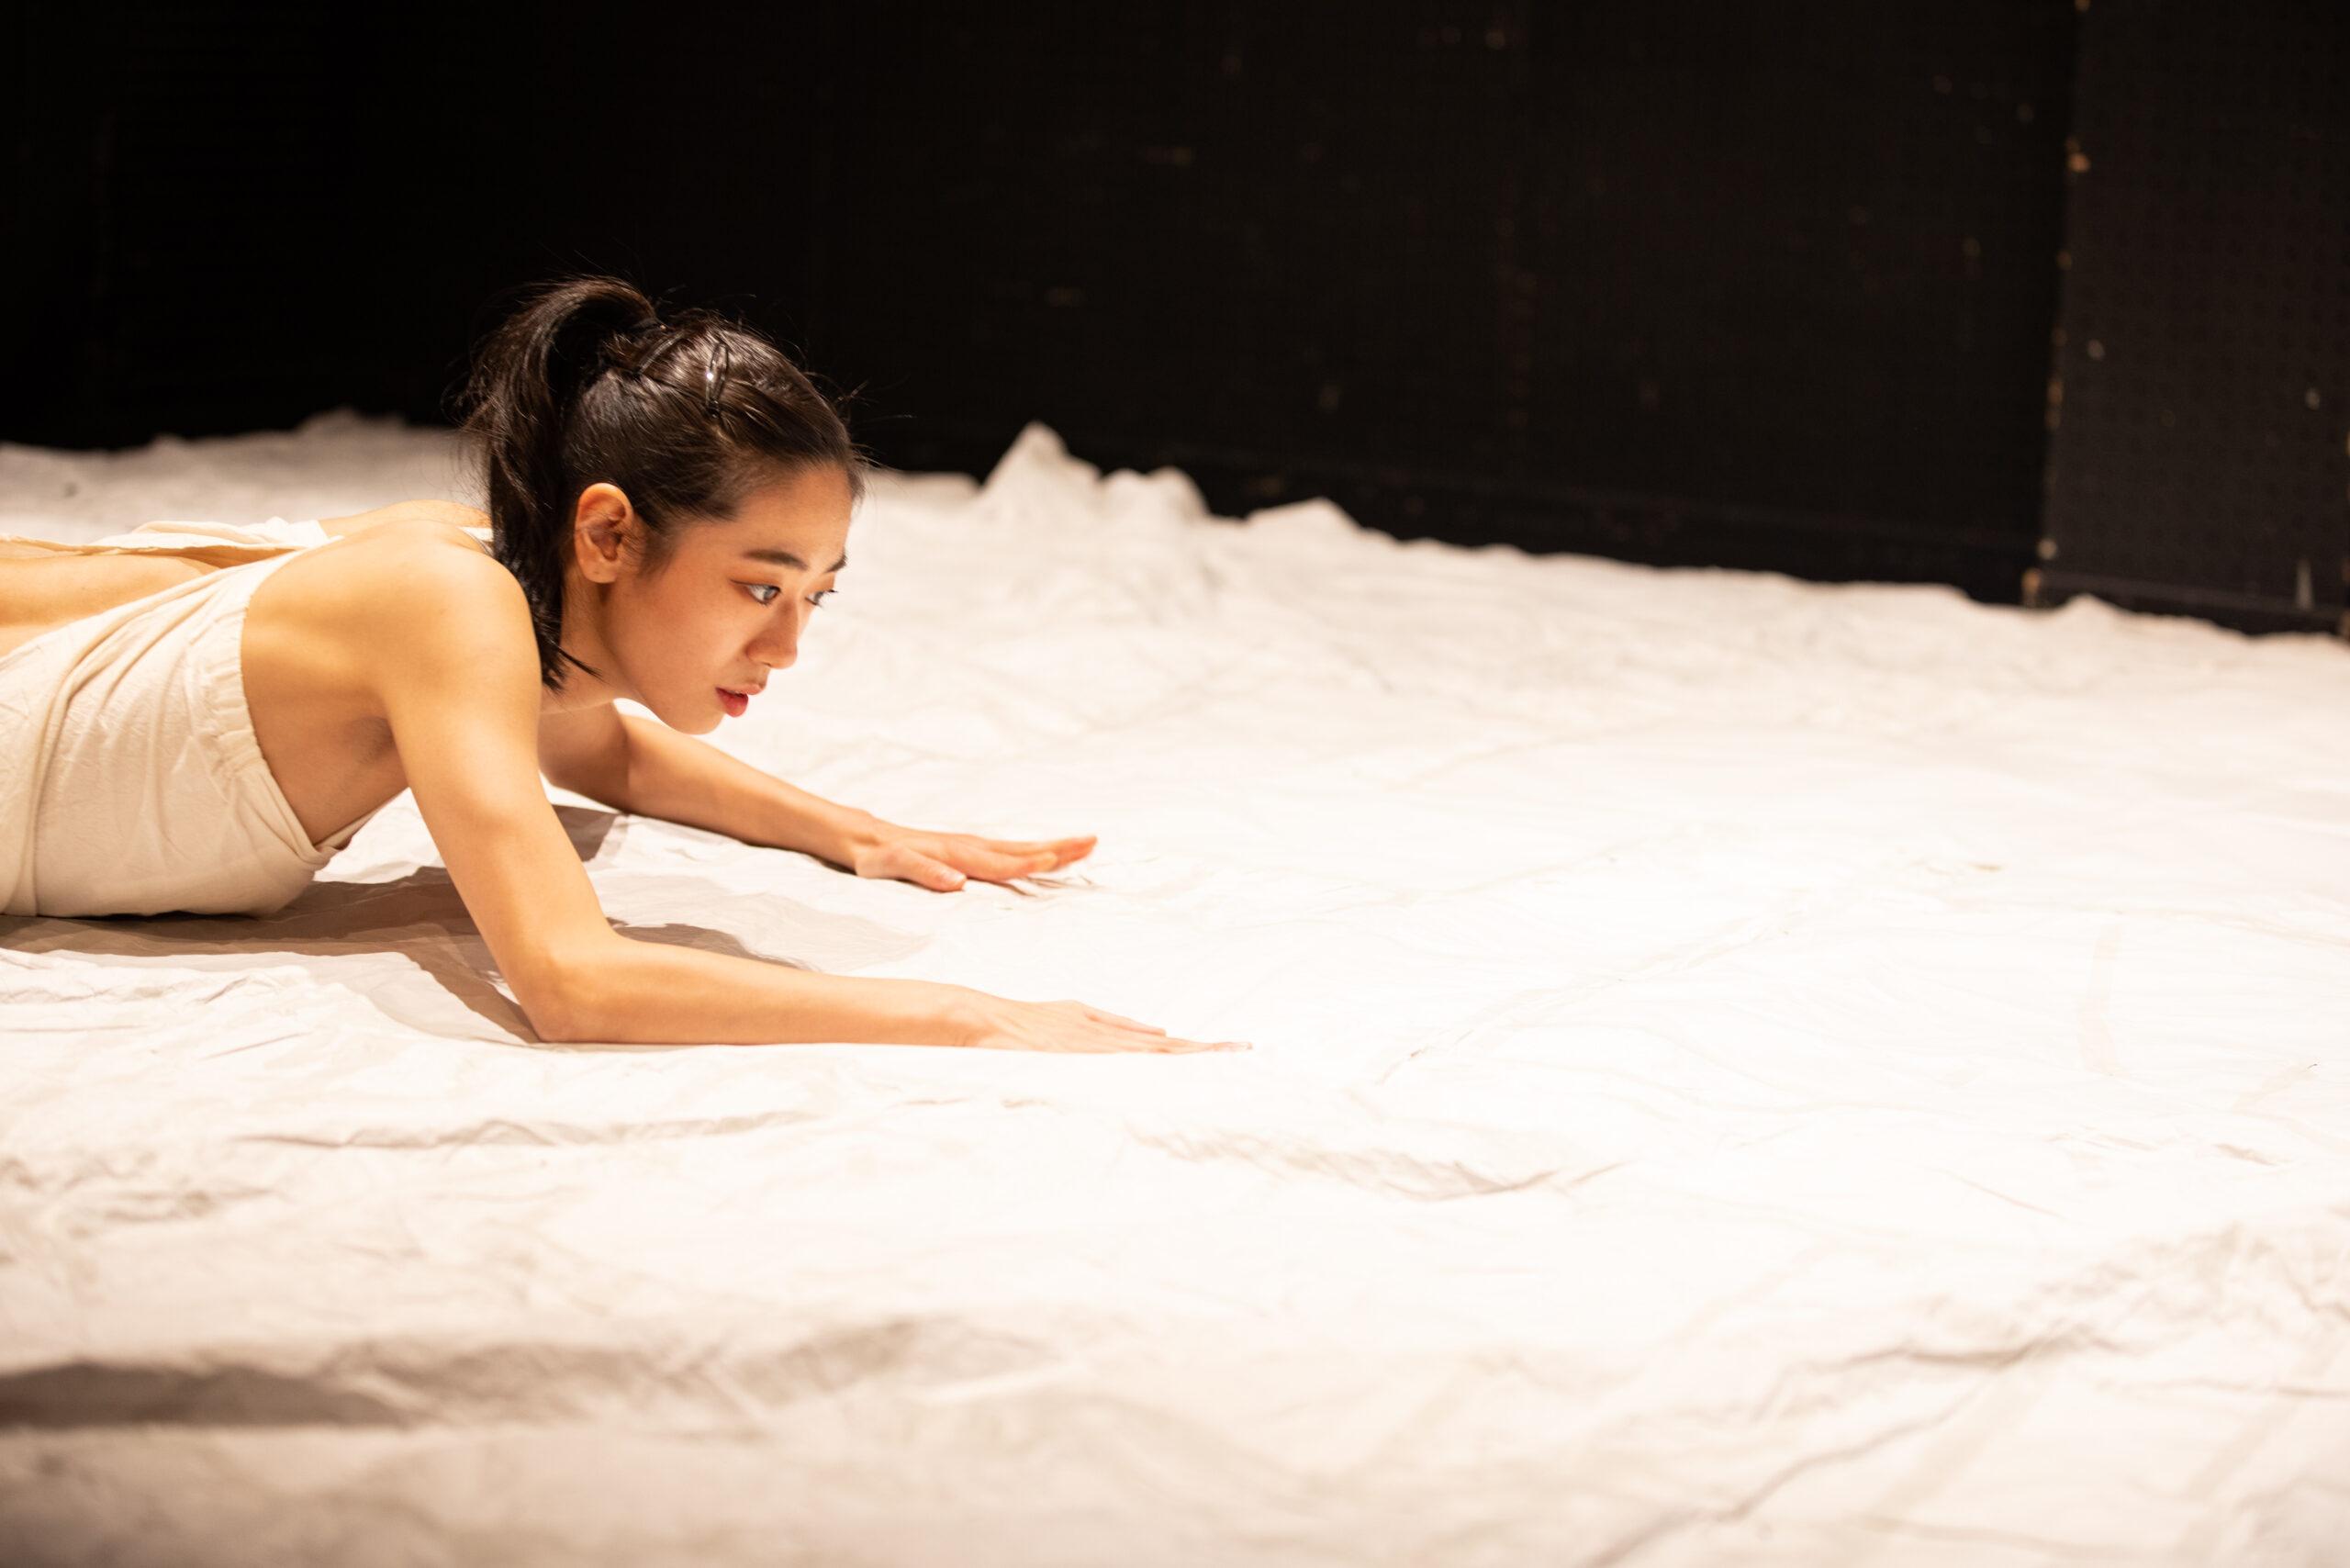 news | 斉藤綾子さんのウェブサイトに『書くとか歩くとか』の舞台写真を掲載していただいています。